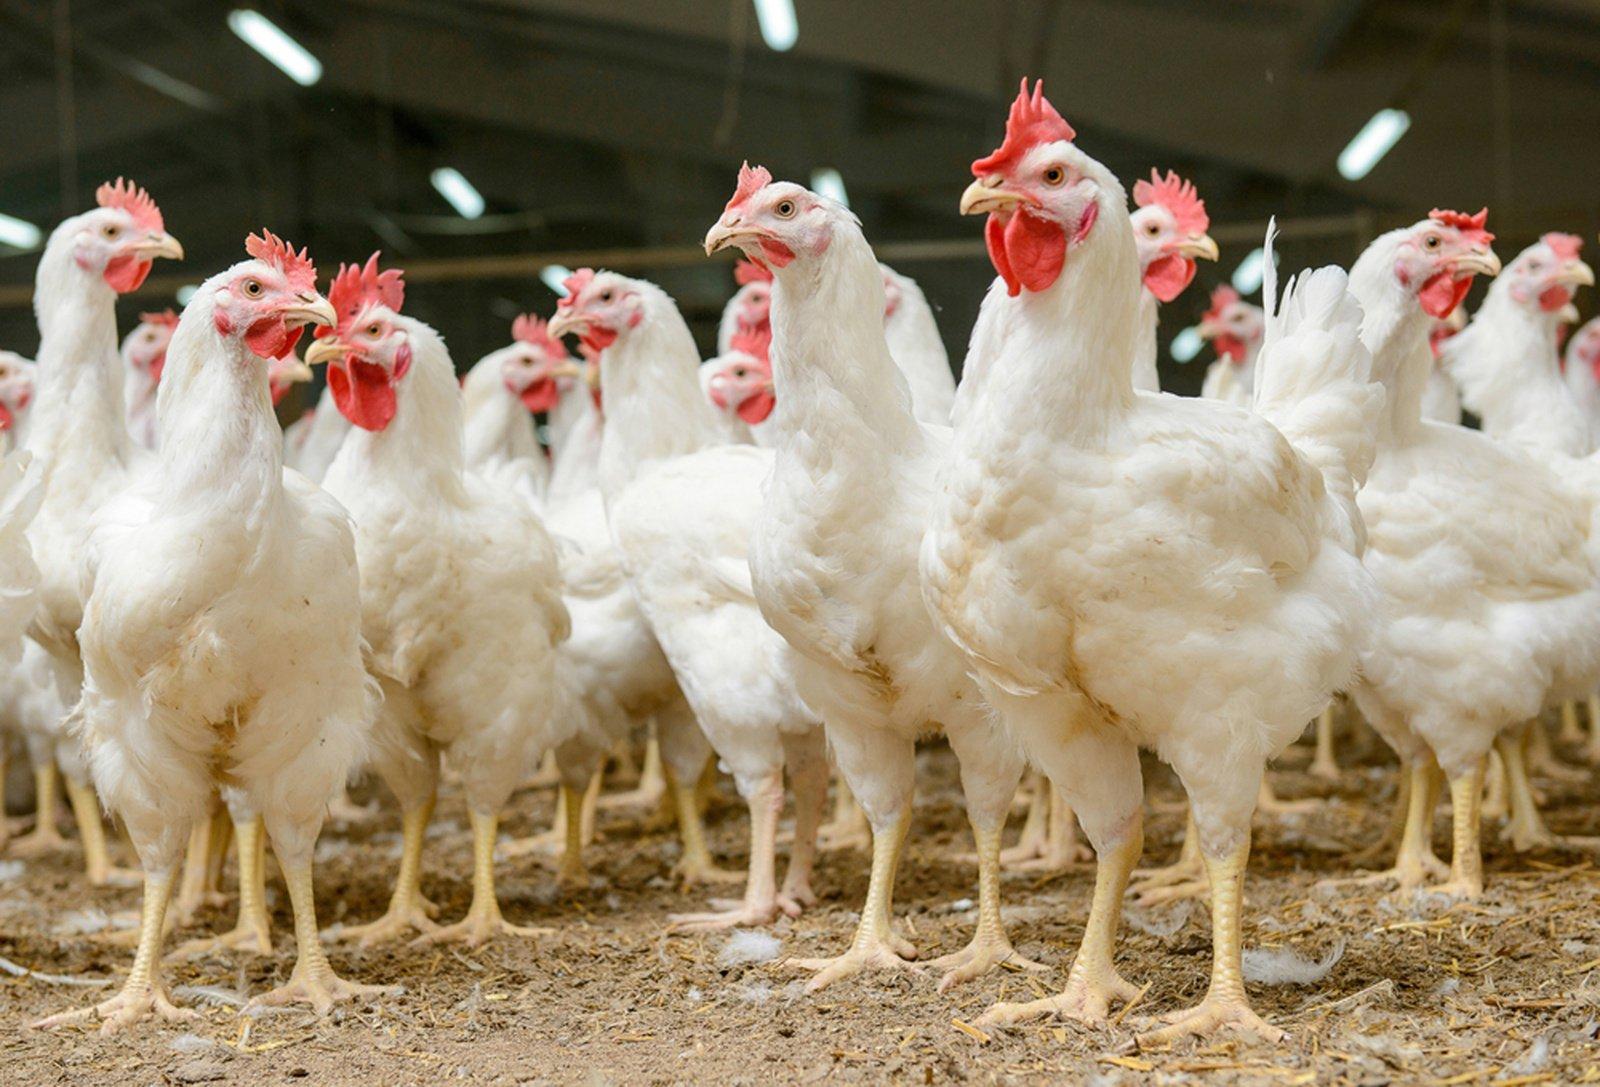 Europos Parlamentas balsuos dėl rezoliucijos, skirtos uždrausti gyvūnų auginimą narvuose